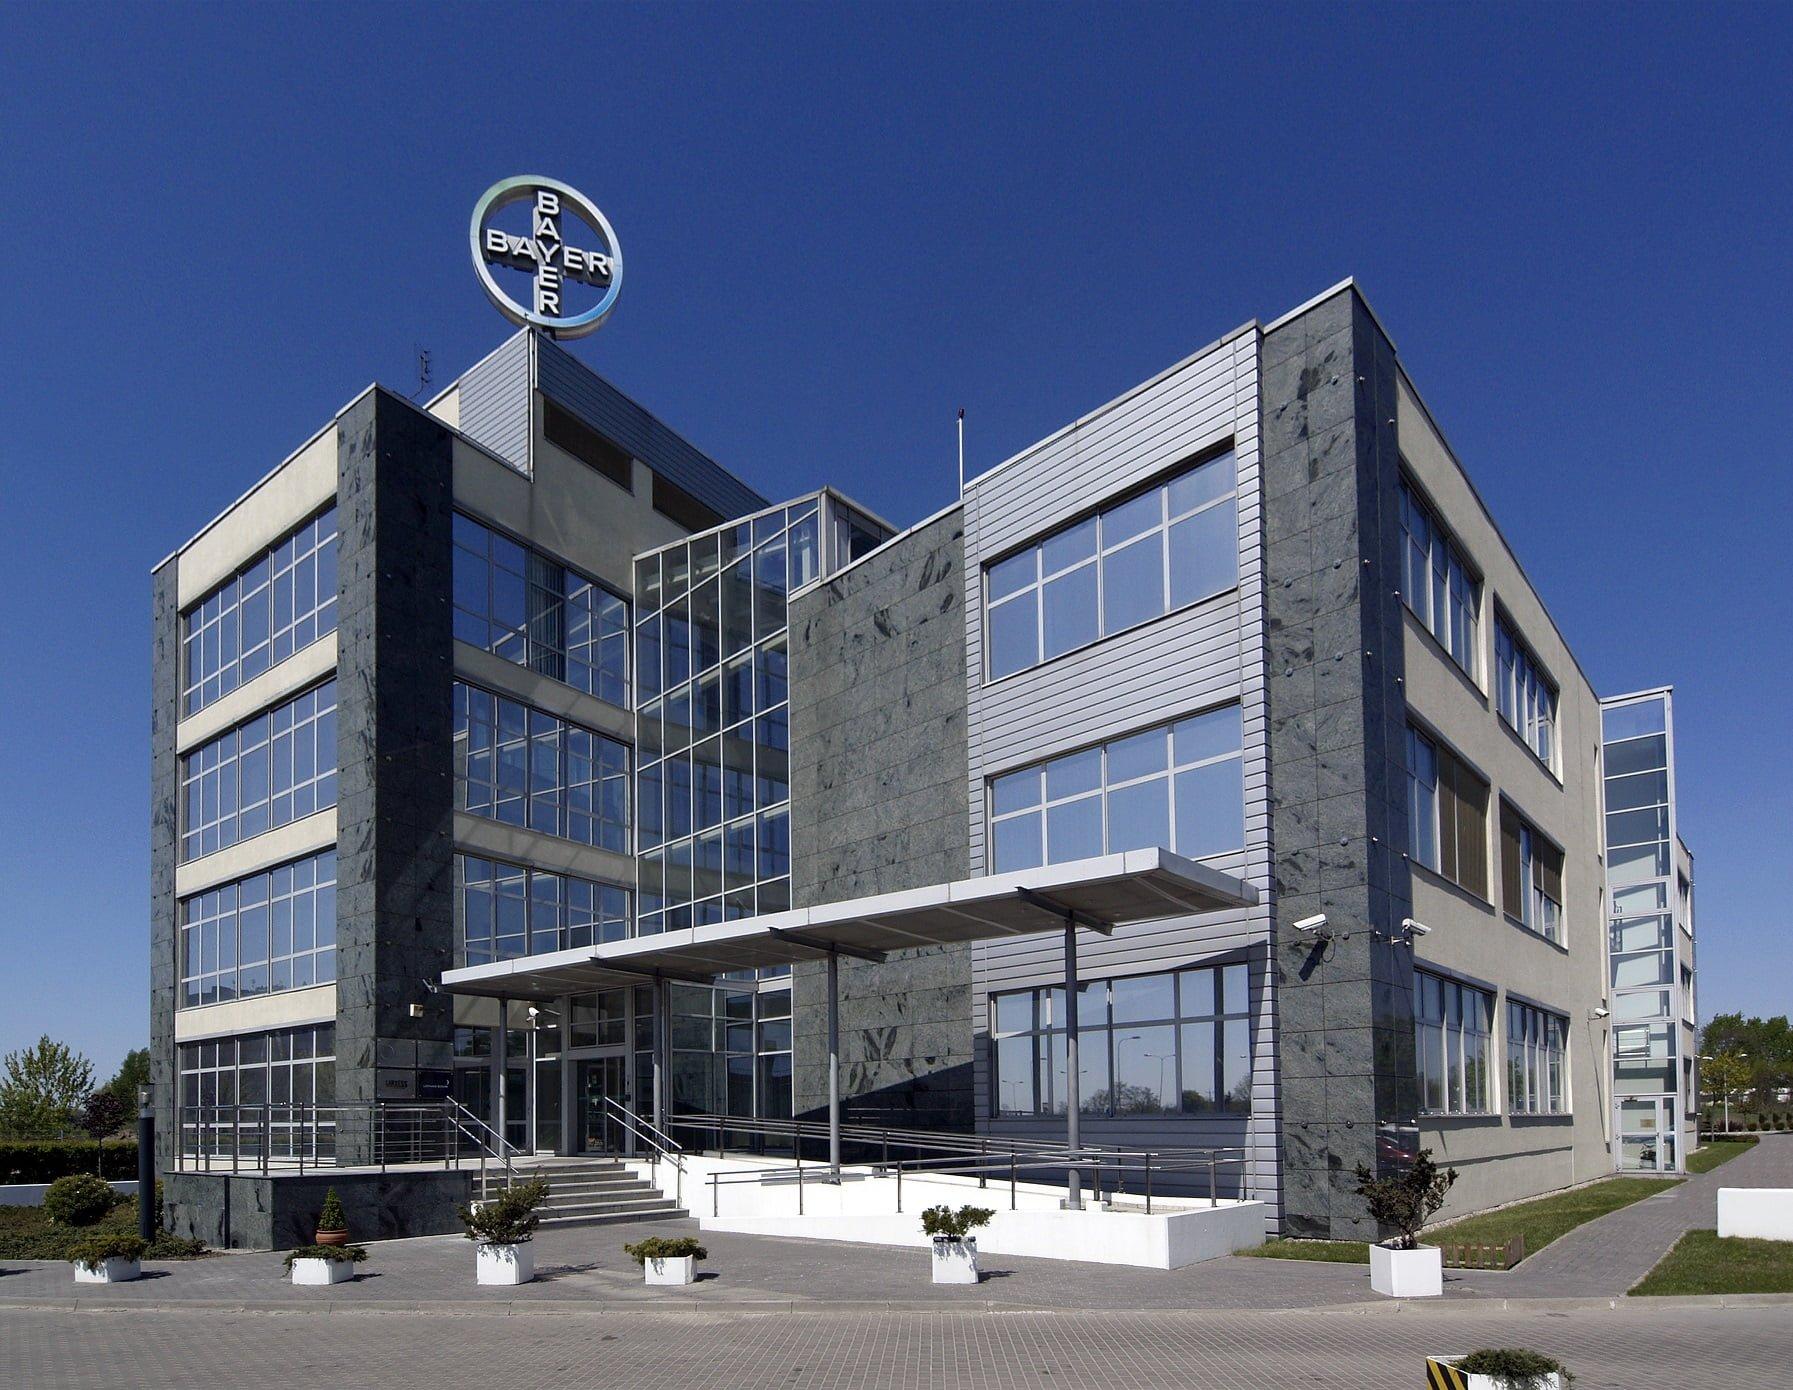 Bayer, Warszawa